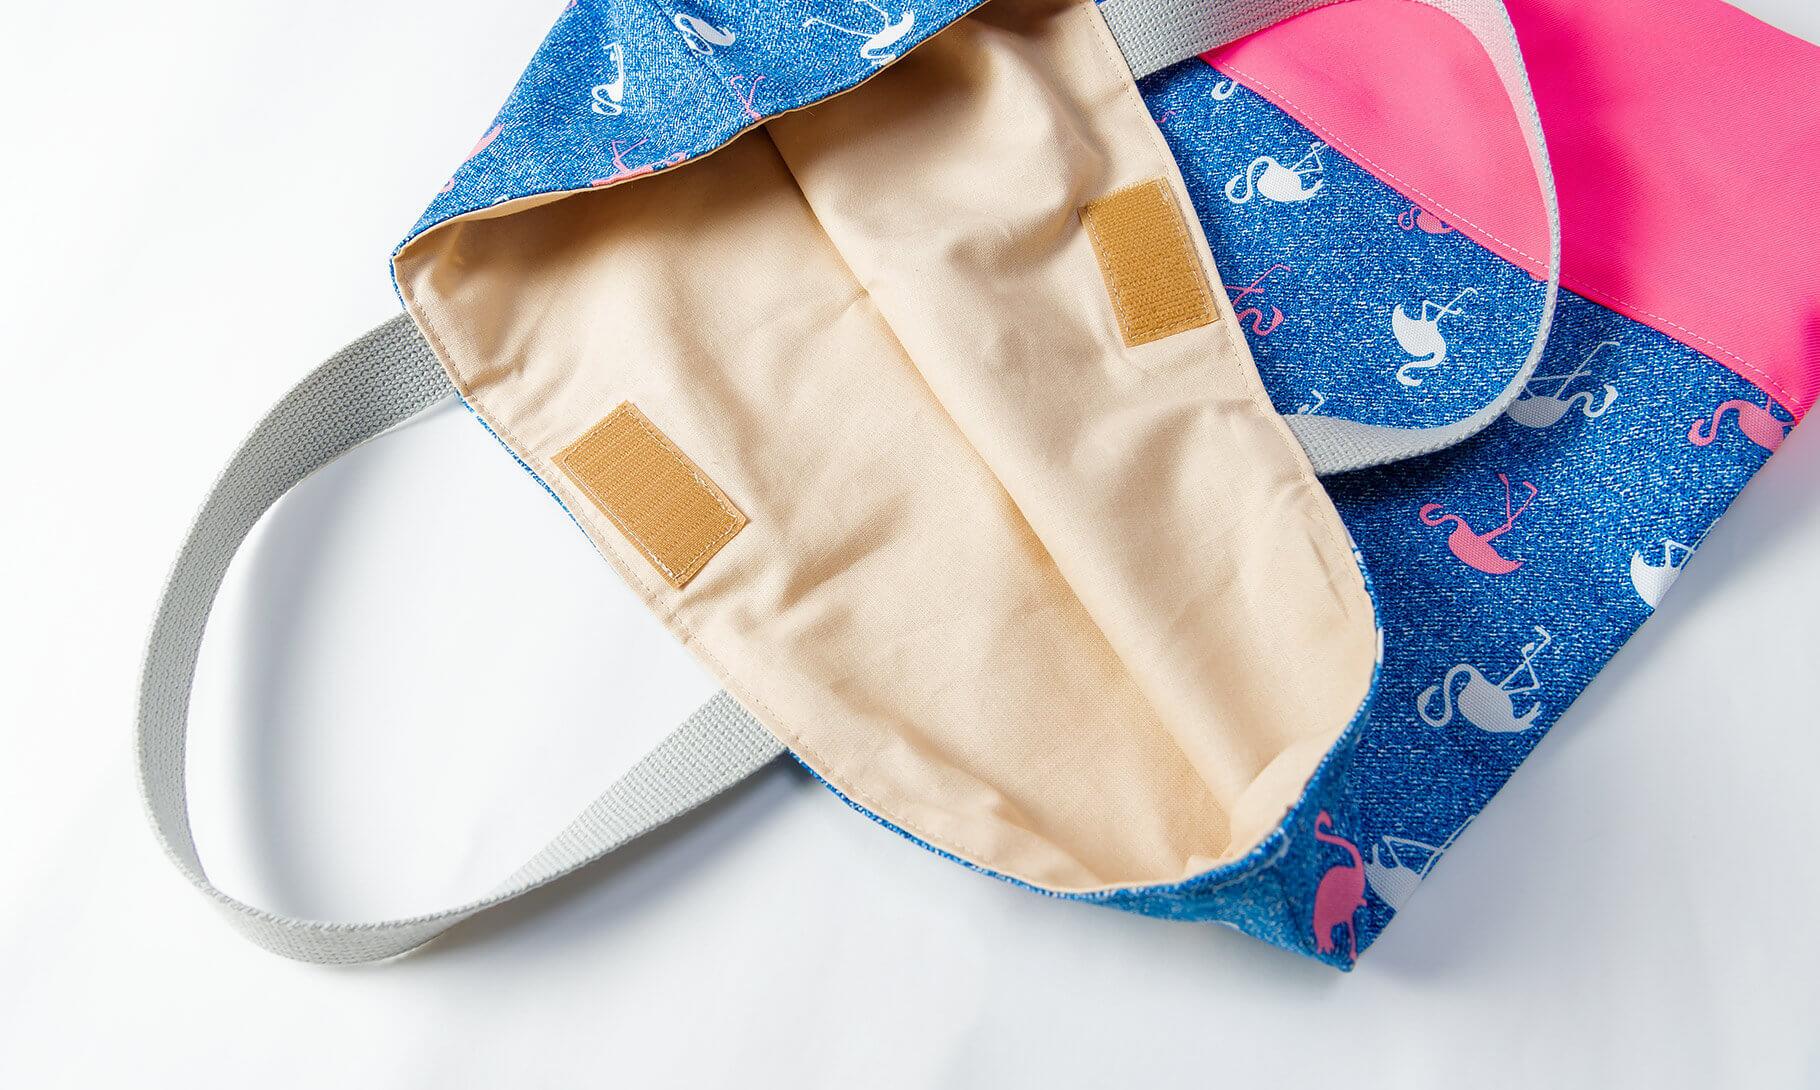 レッスンバッグ(淡いフラミンゴ、蛍光ピンク)内布とマジックテープ